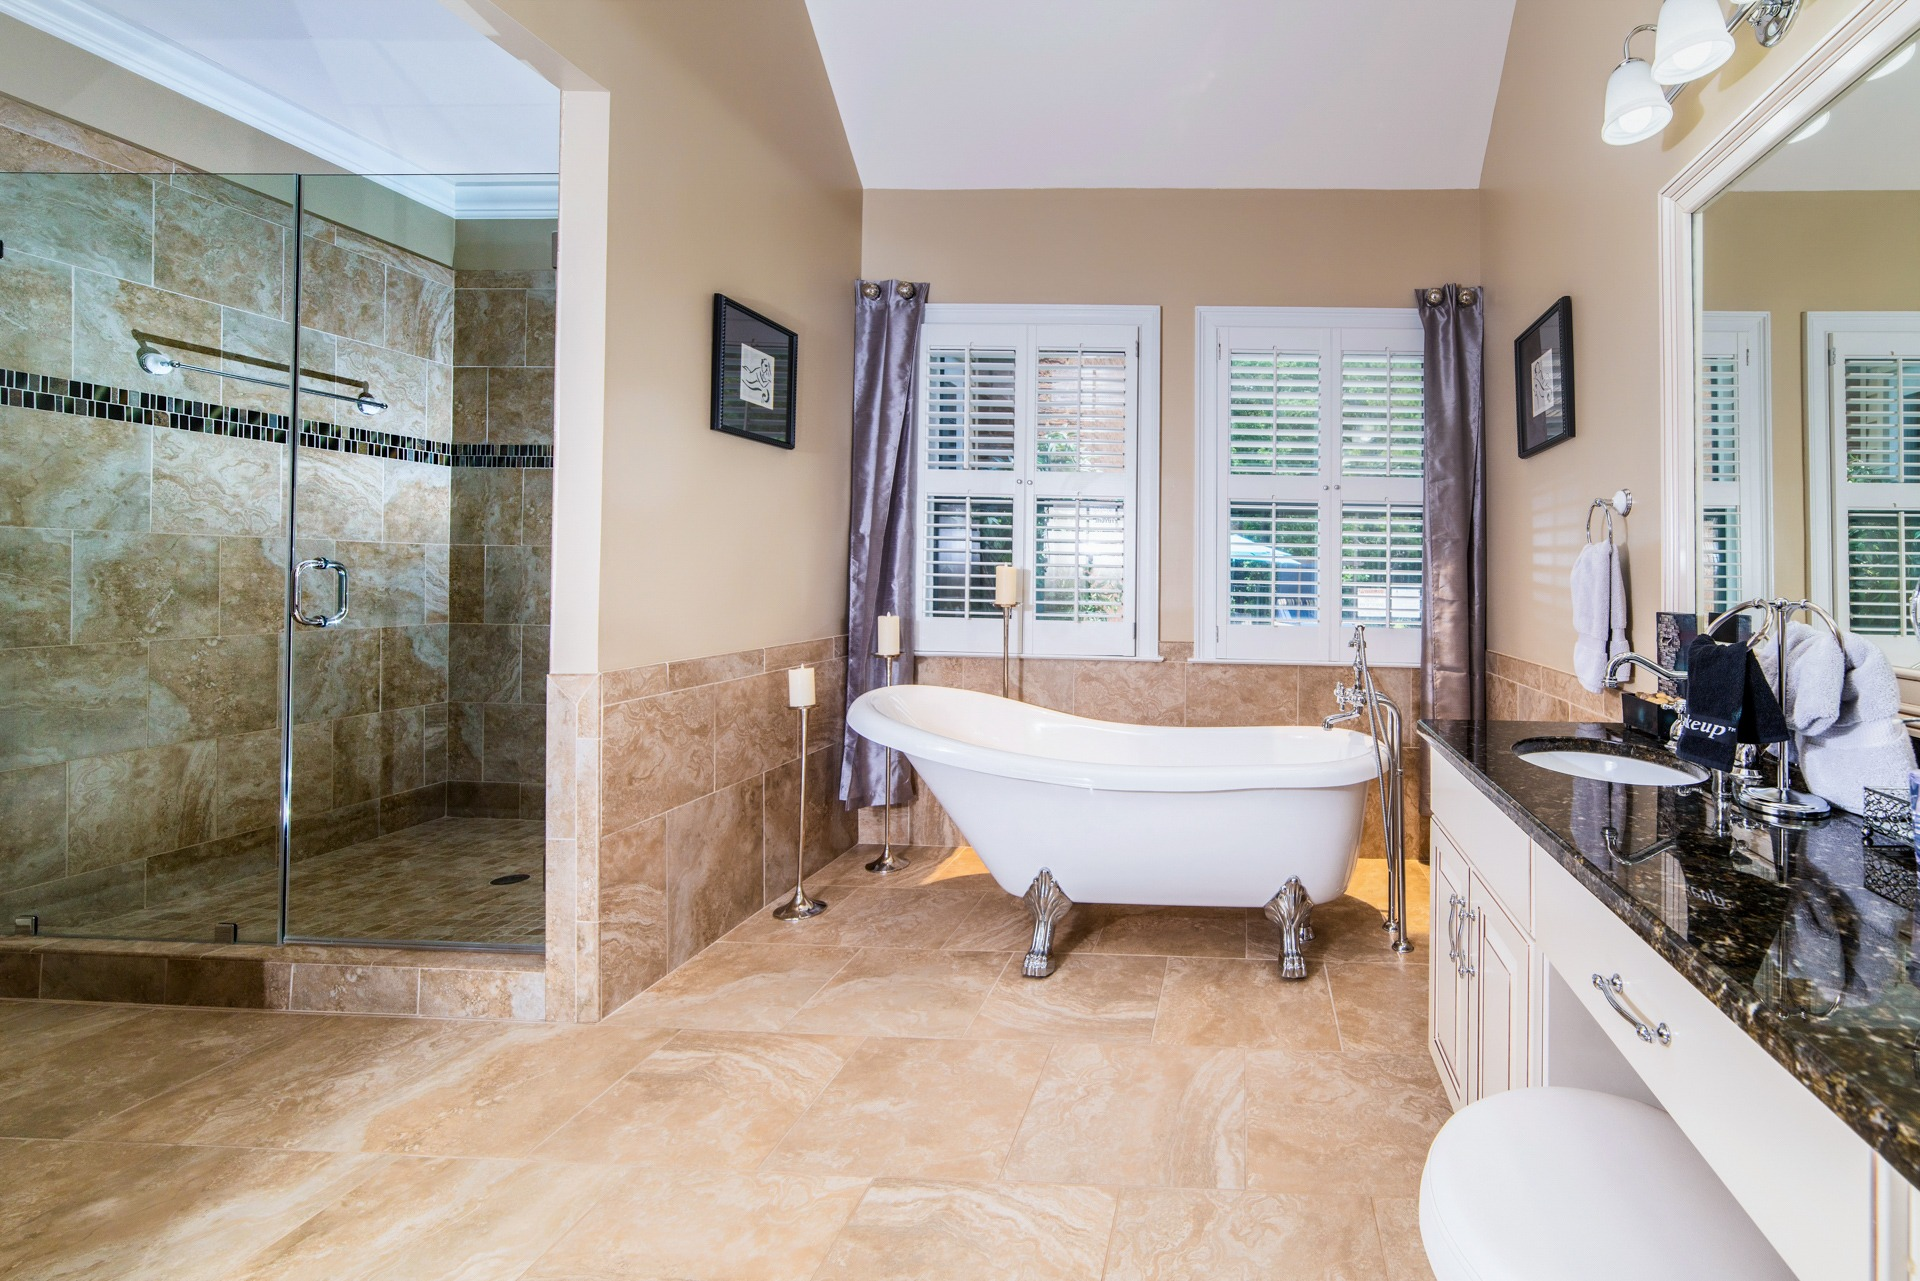 Pleasanton Courtyard Palo Alto Bathroom - Ingrid Moore-Barnes (1)